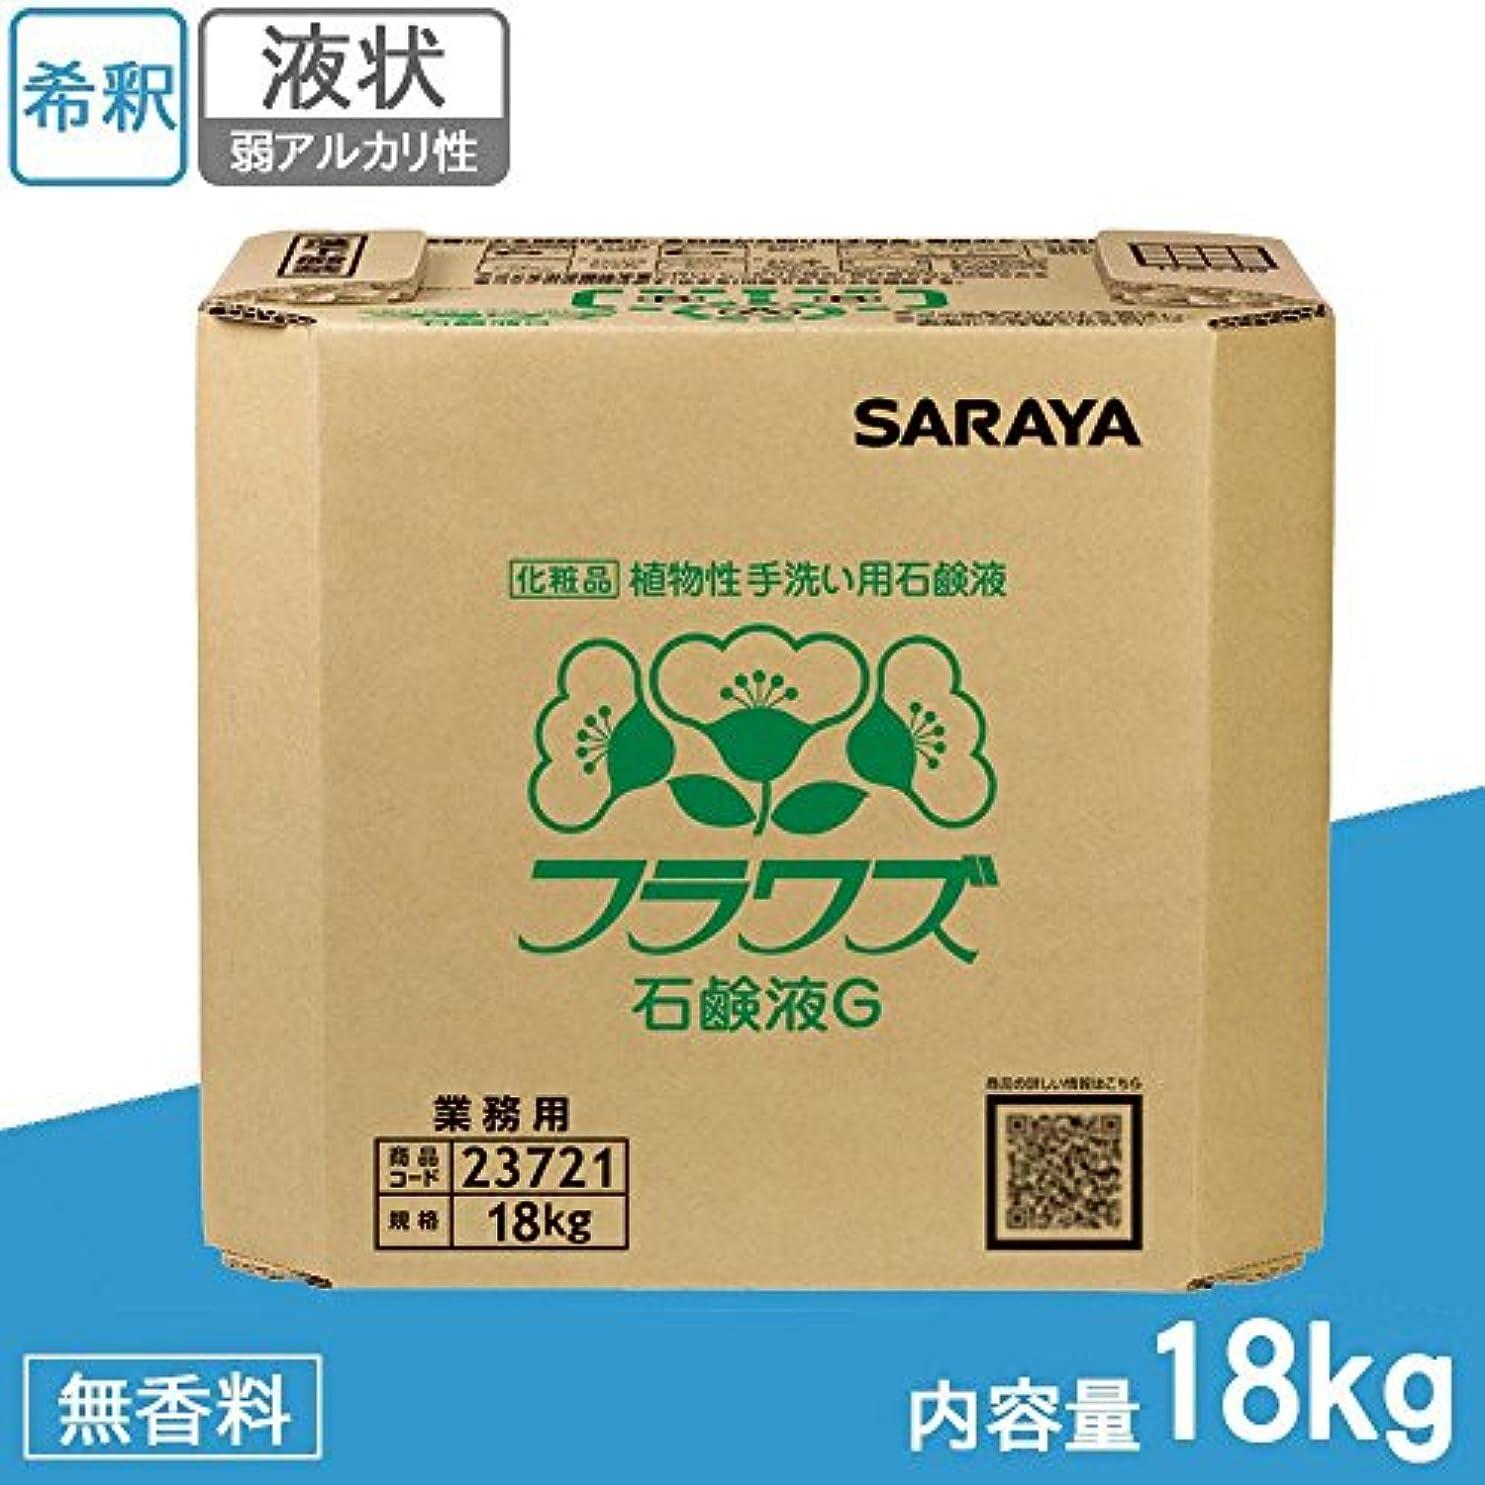 中傷ビルマイデオロギーサラヤ 業務用 植物性手洗い用石鹸液 フラワズ石鹸液G 18kg BIB 23721